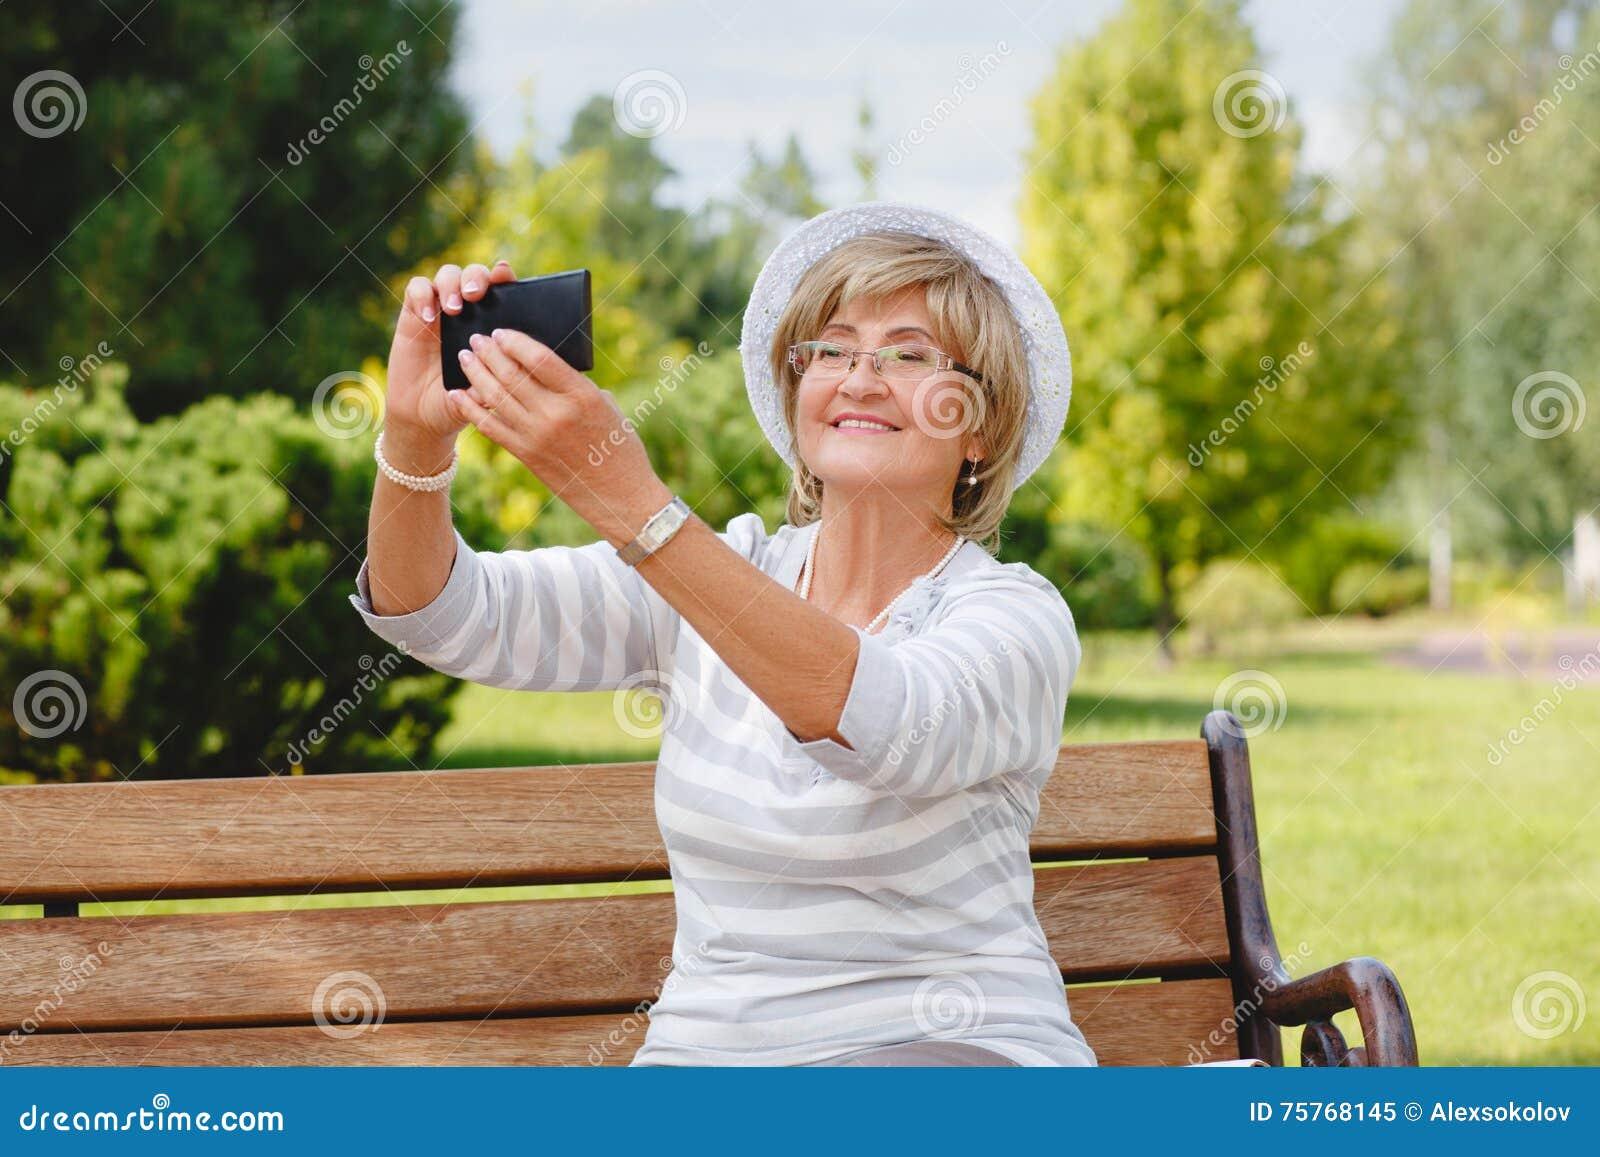 Attraktive Reife Frau, Die Smartphone In Einem Park